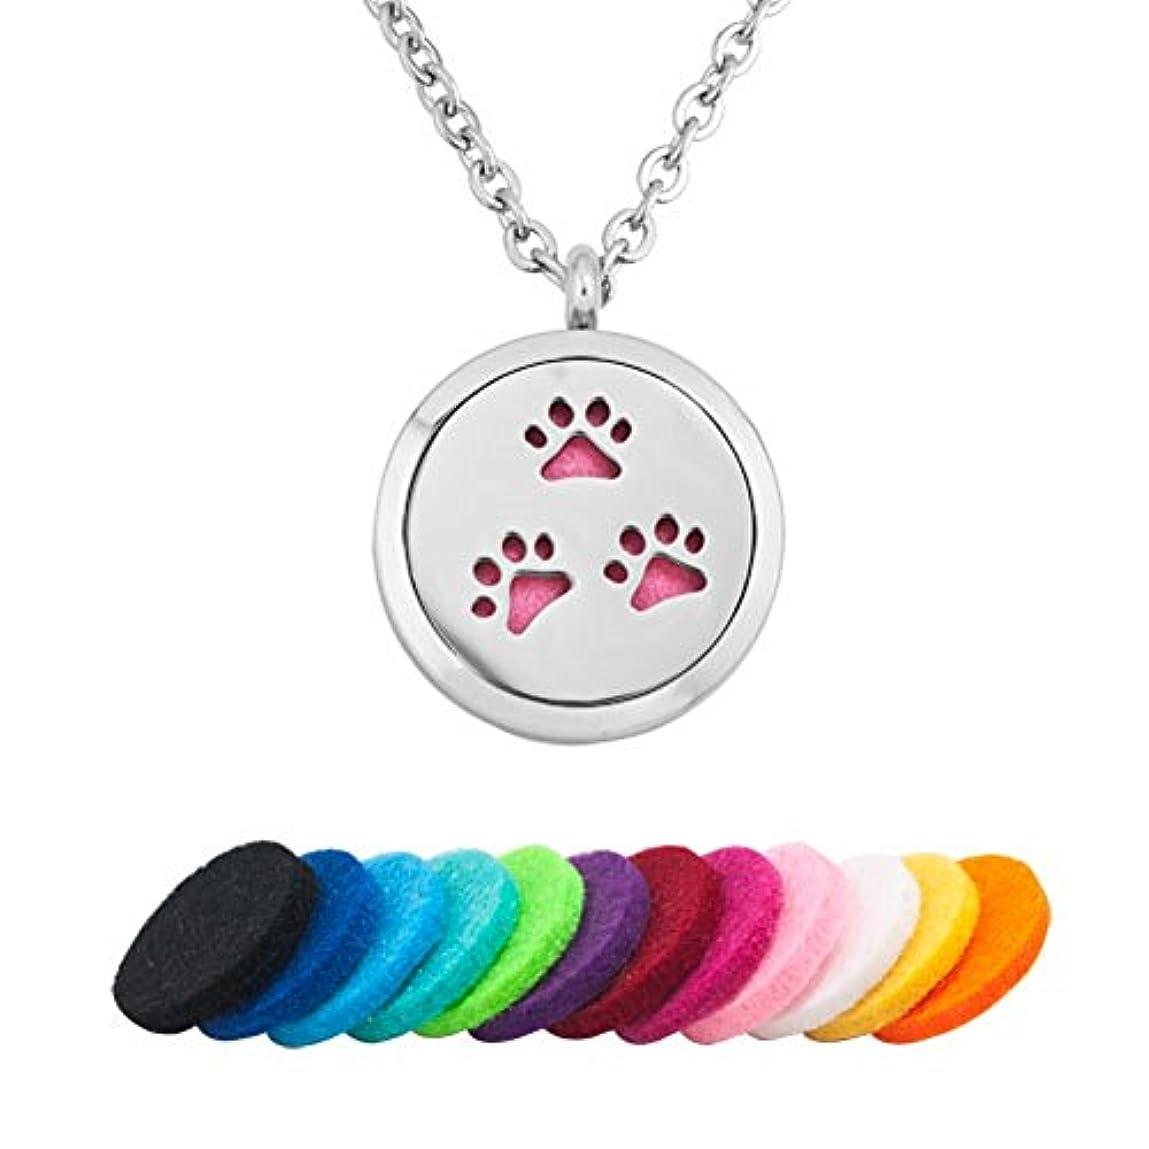 レイアクマノミq &ロケットLove犬PawprintステンレススチールプレミアムAromatherapy Essential Oil Diffuserロケットネックレス